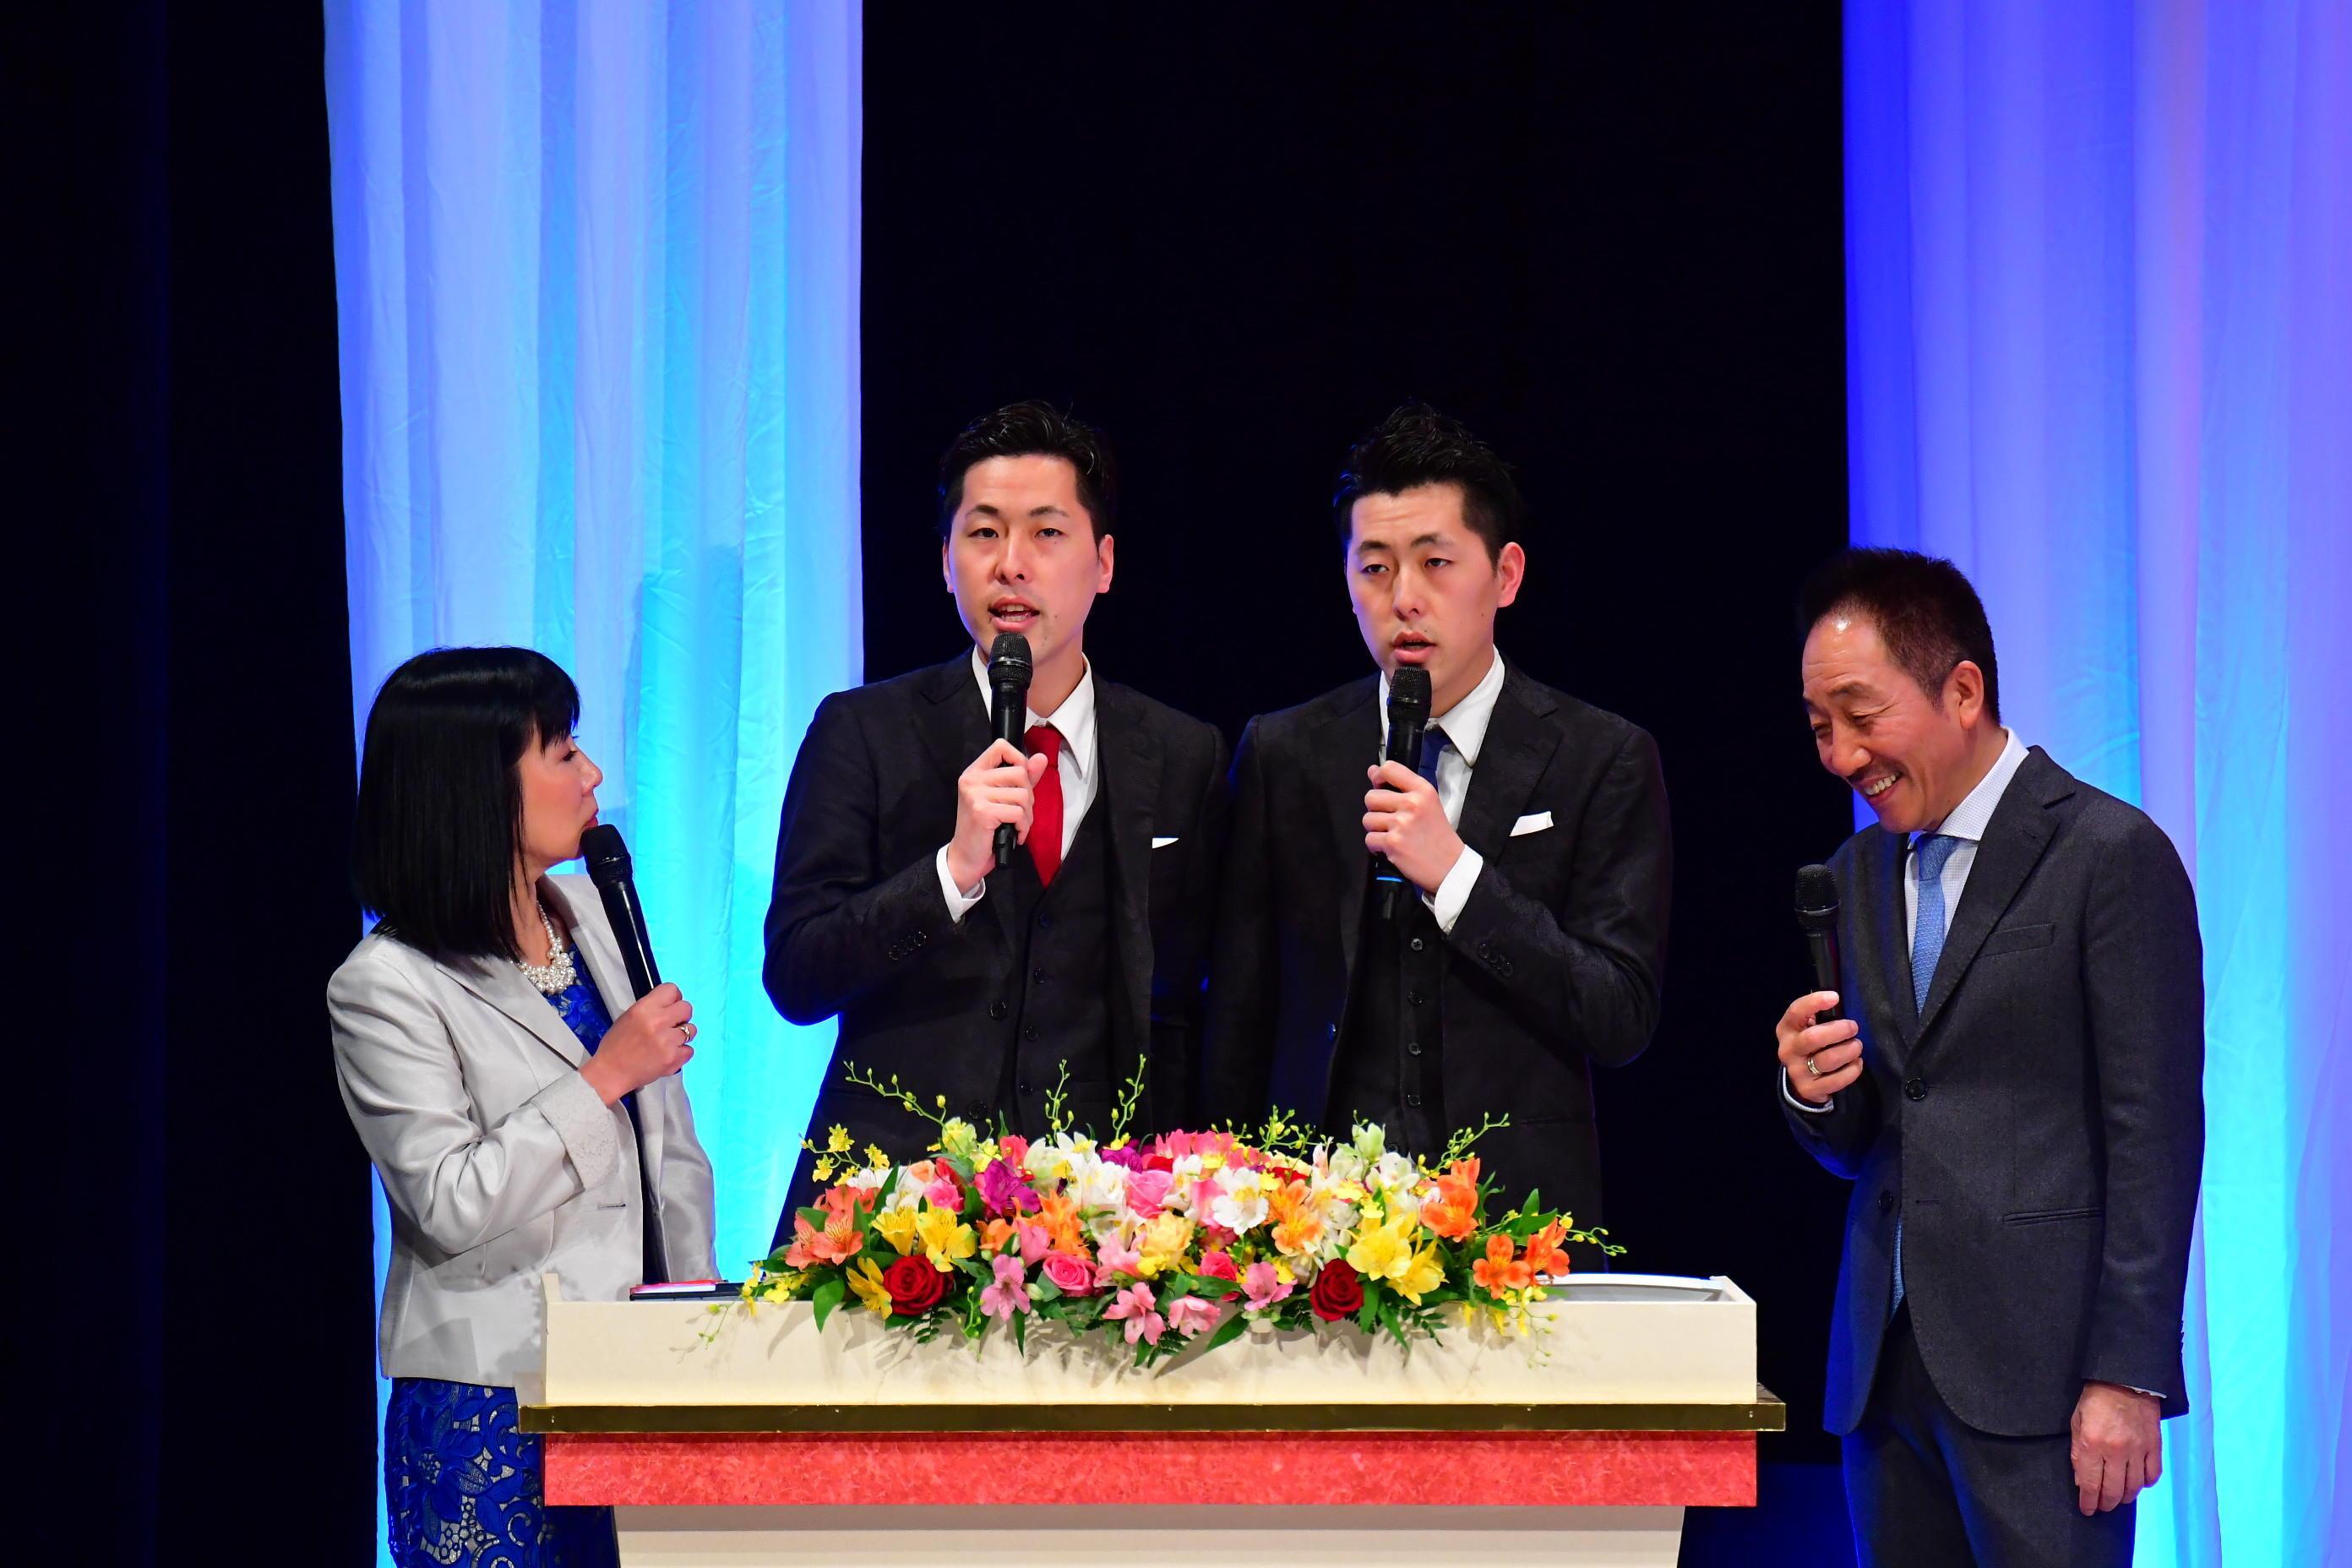 http://news.yoshimoto.co.jp/20180109020051-378b4596c5129f8e1fd145aec3dfe568d094b29d.jpg